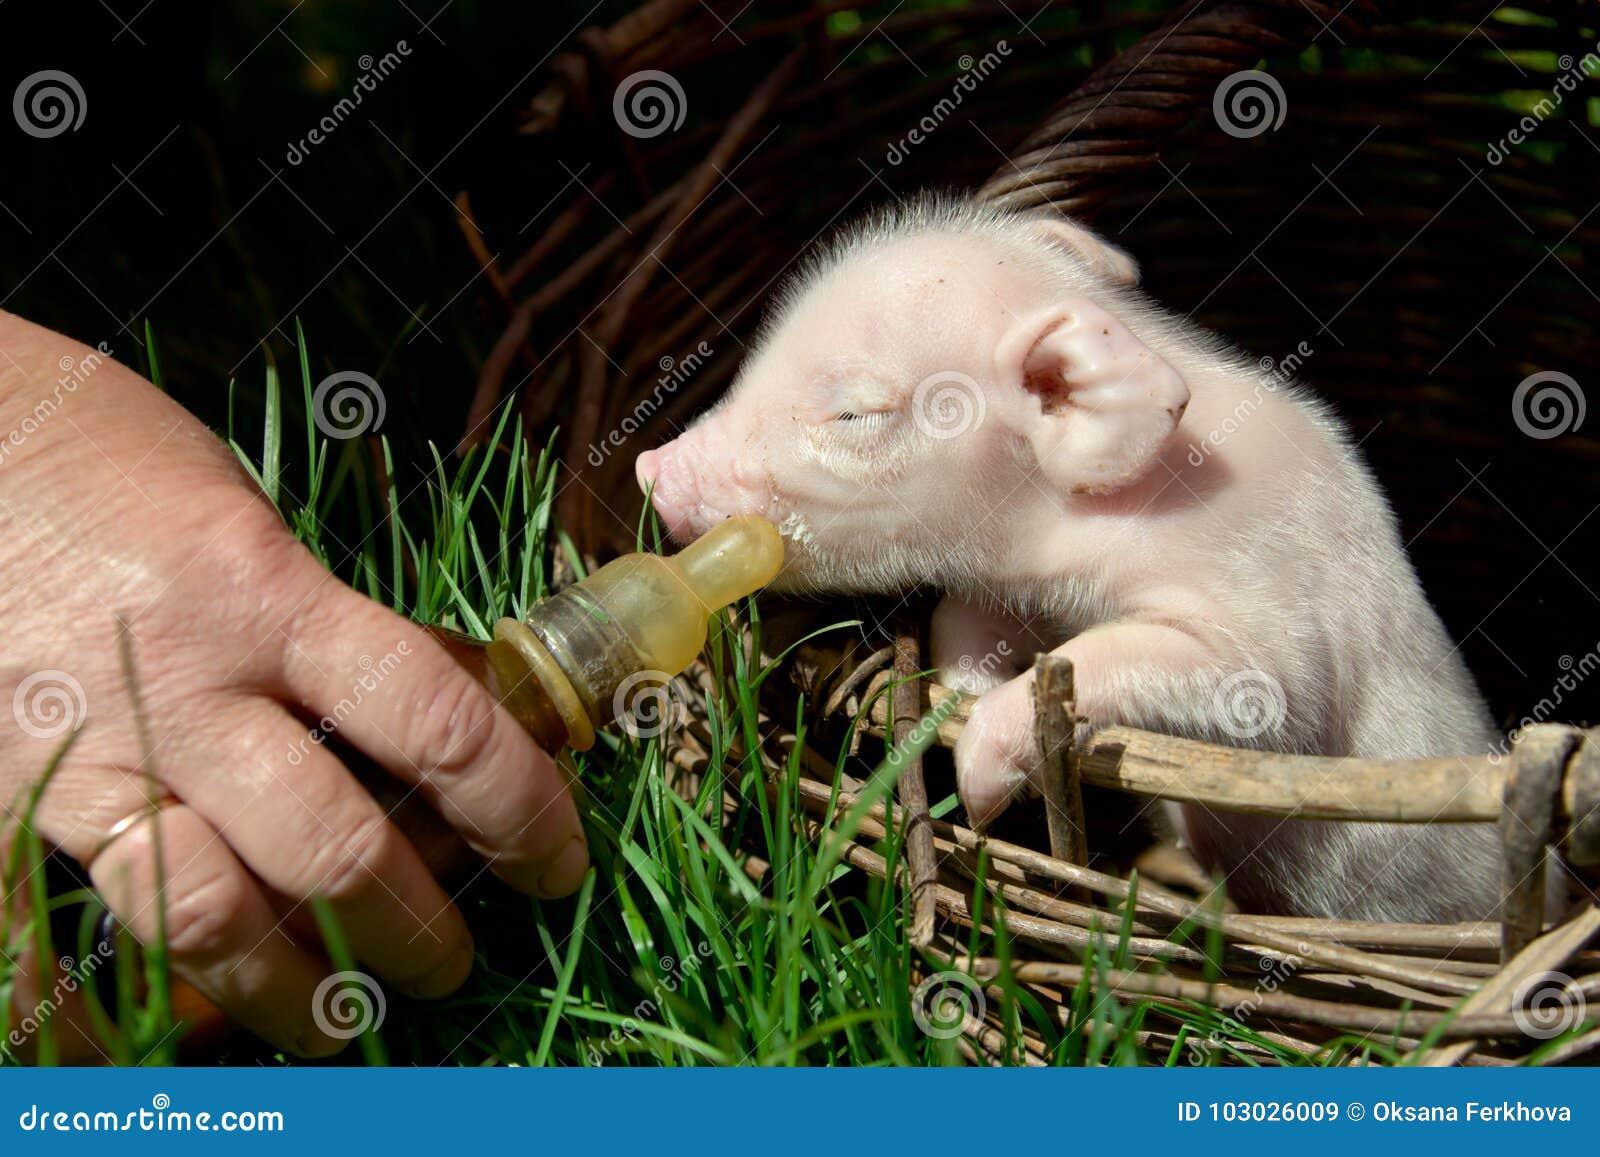 Fütterung eines neugeborenen Ferkels in einem Korb von einer Flasche mit einem pacifi